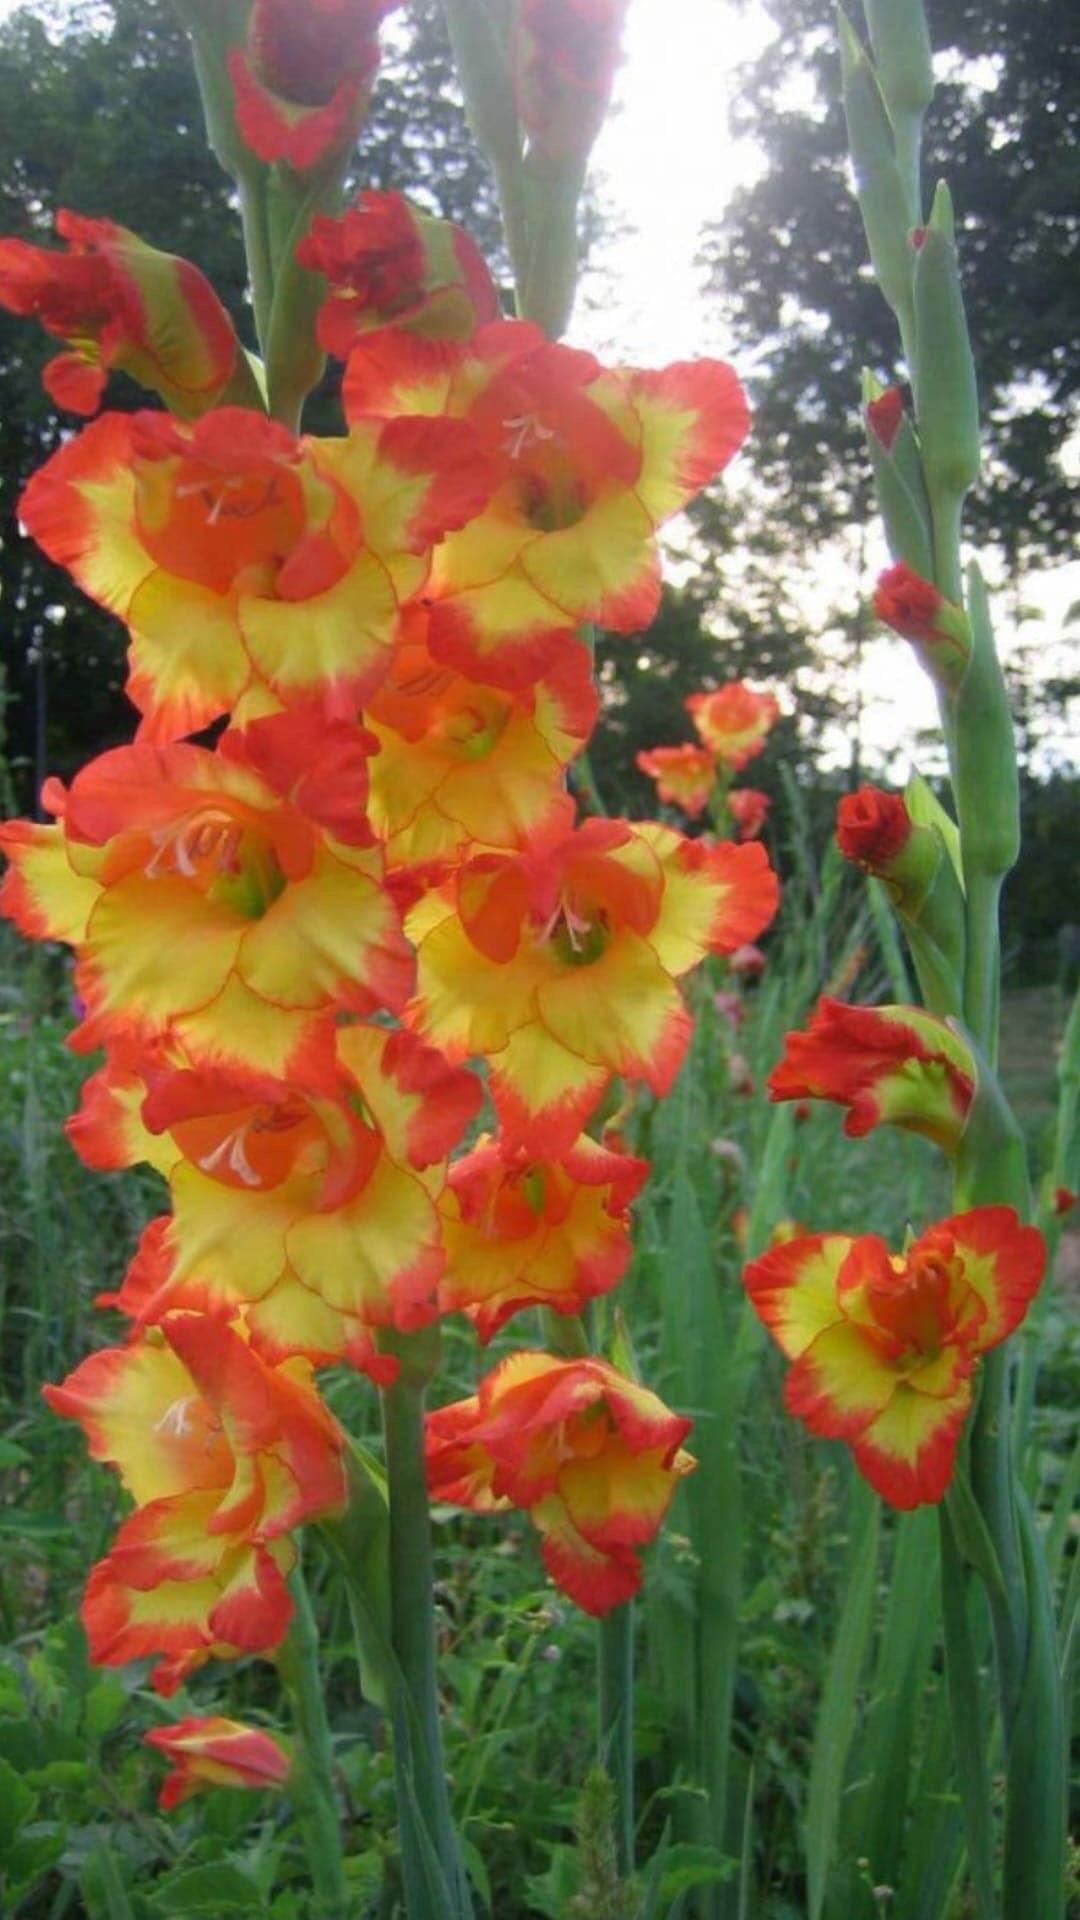 Beautiful Gladiolas Gladiolus Flower Gladiolus Flower Pictures Flower Pictures